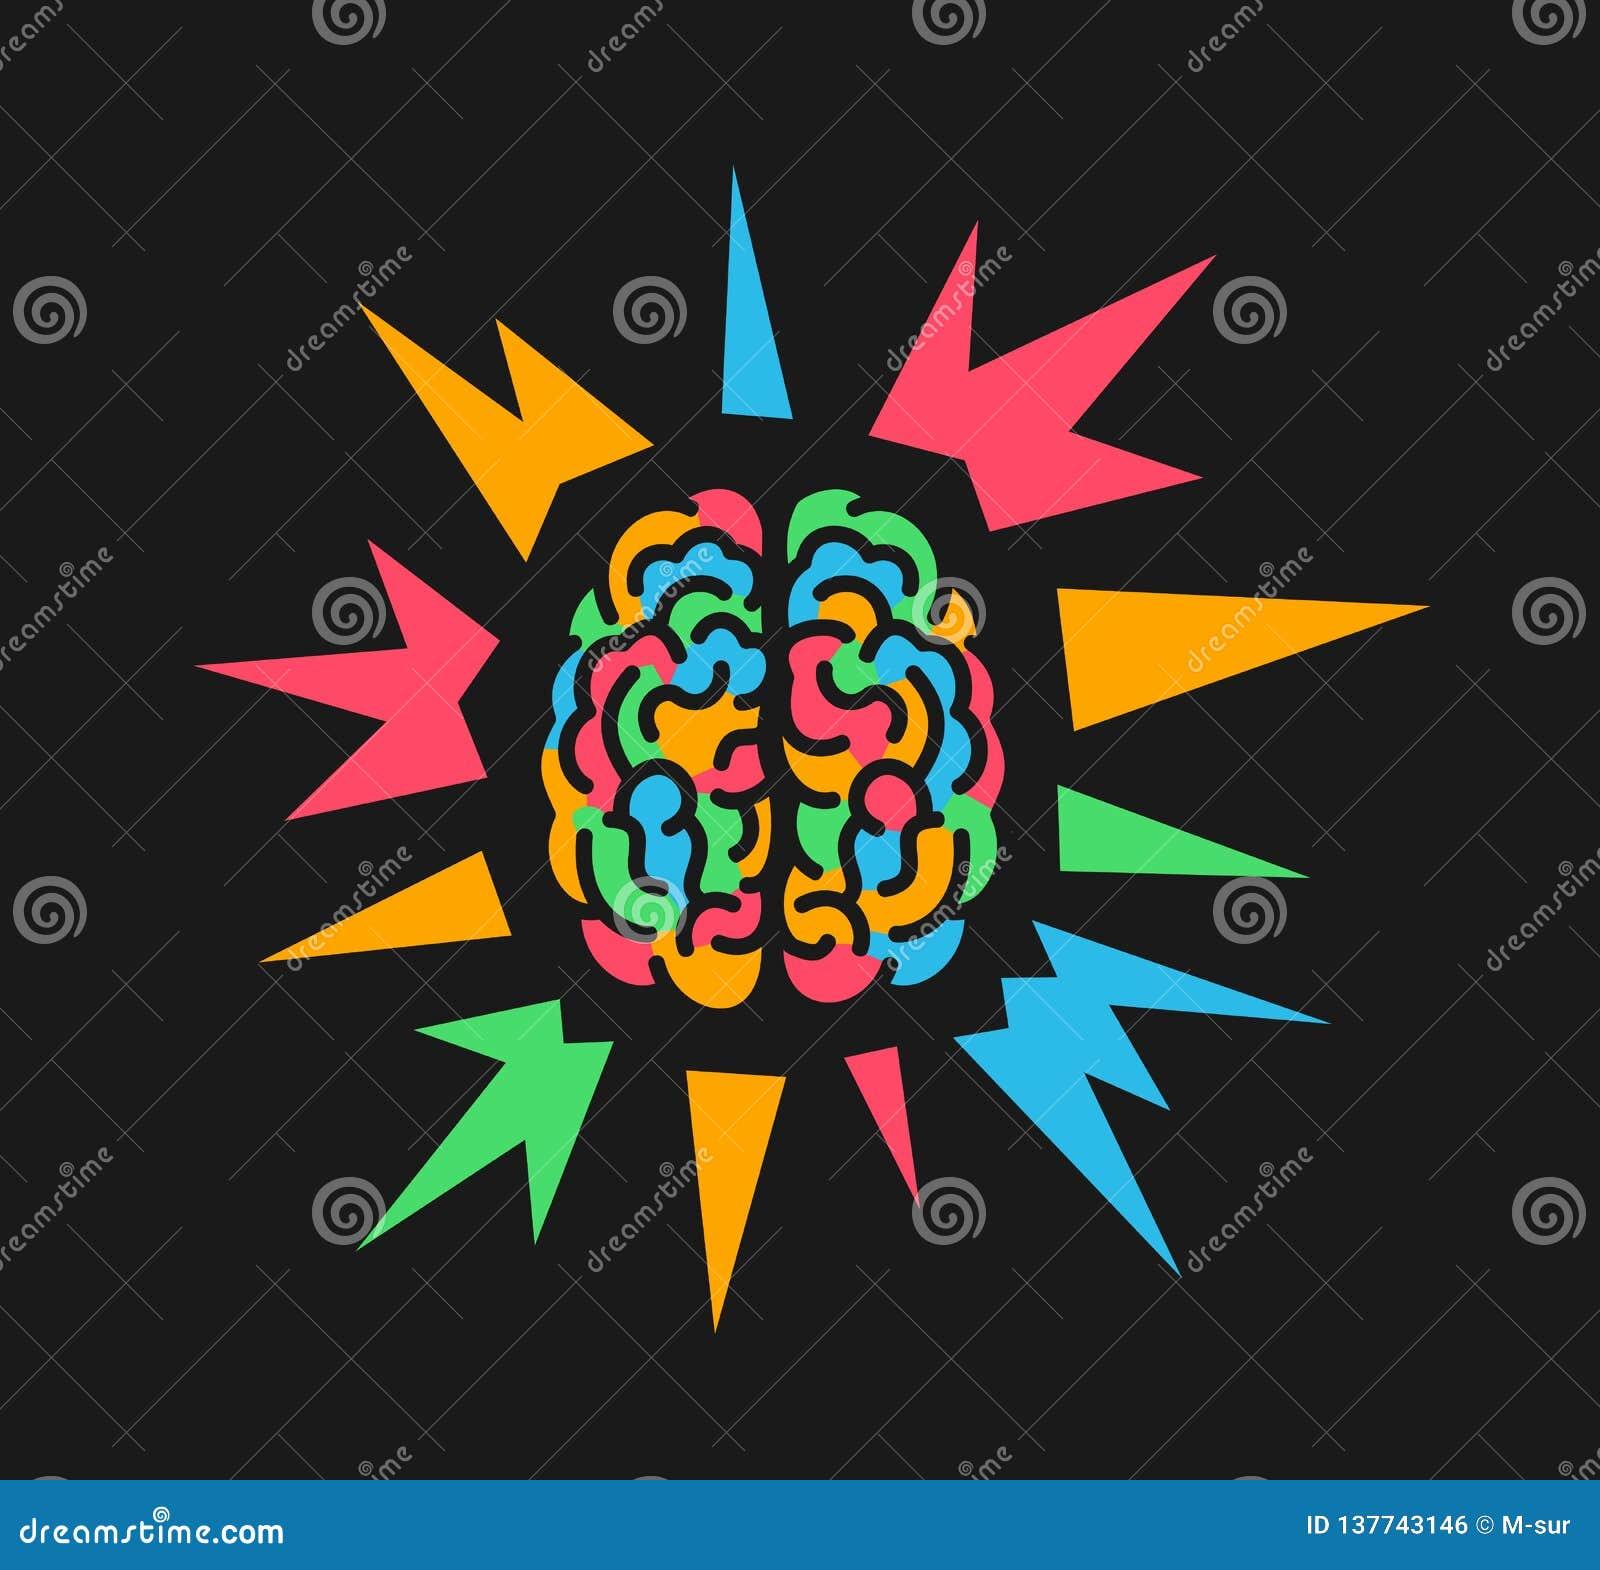 Färgrik hjärna på grund av psychedelics och hallucinogen vikt, epilepsi och epileptiskt beslag